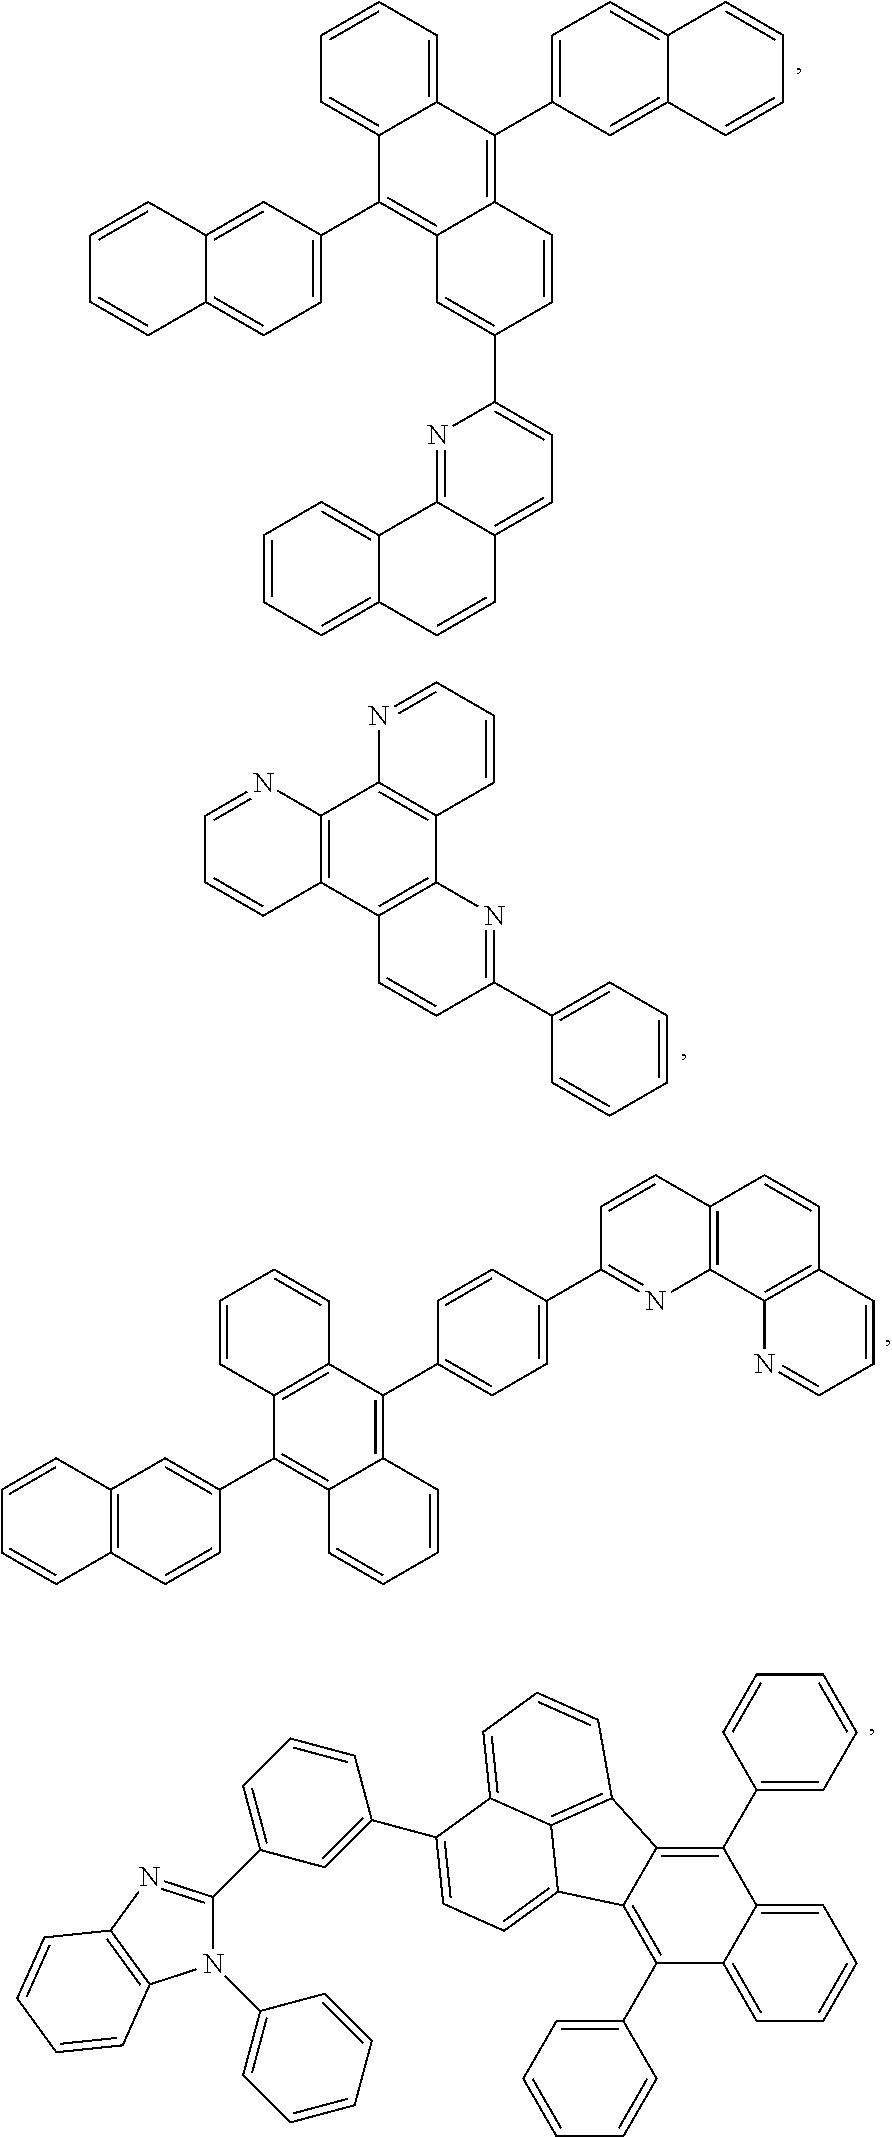 Figure US20180076393A1-20180315-C00128